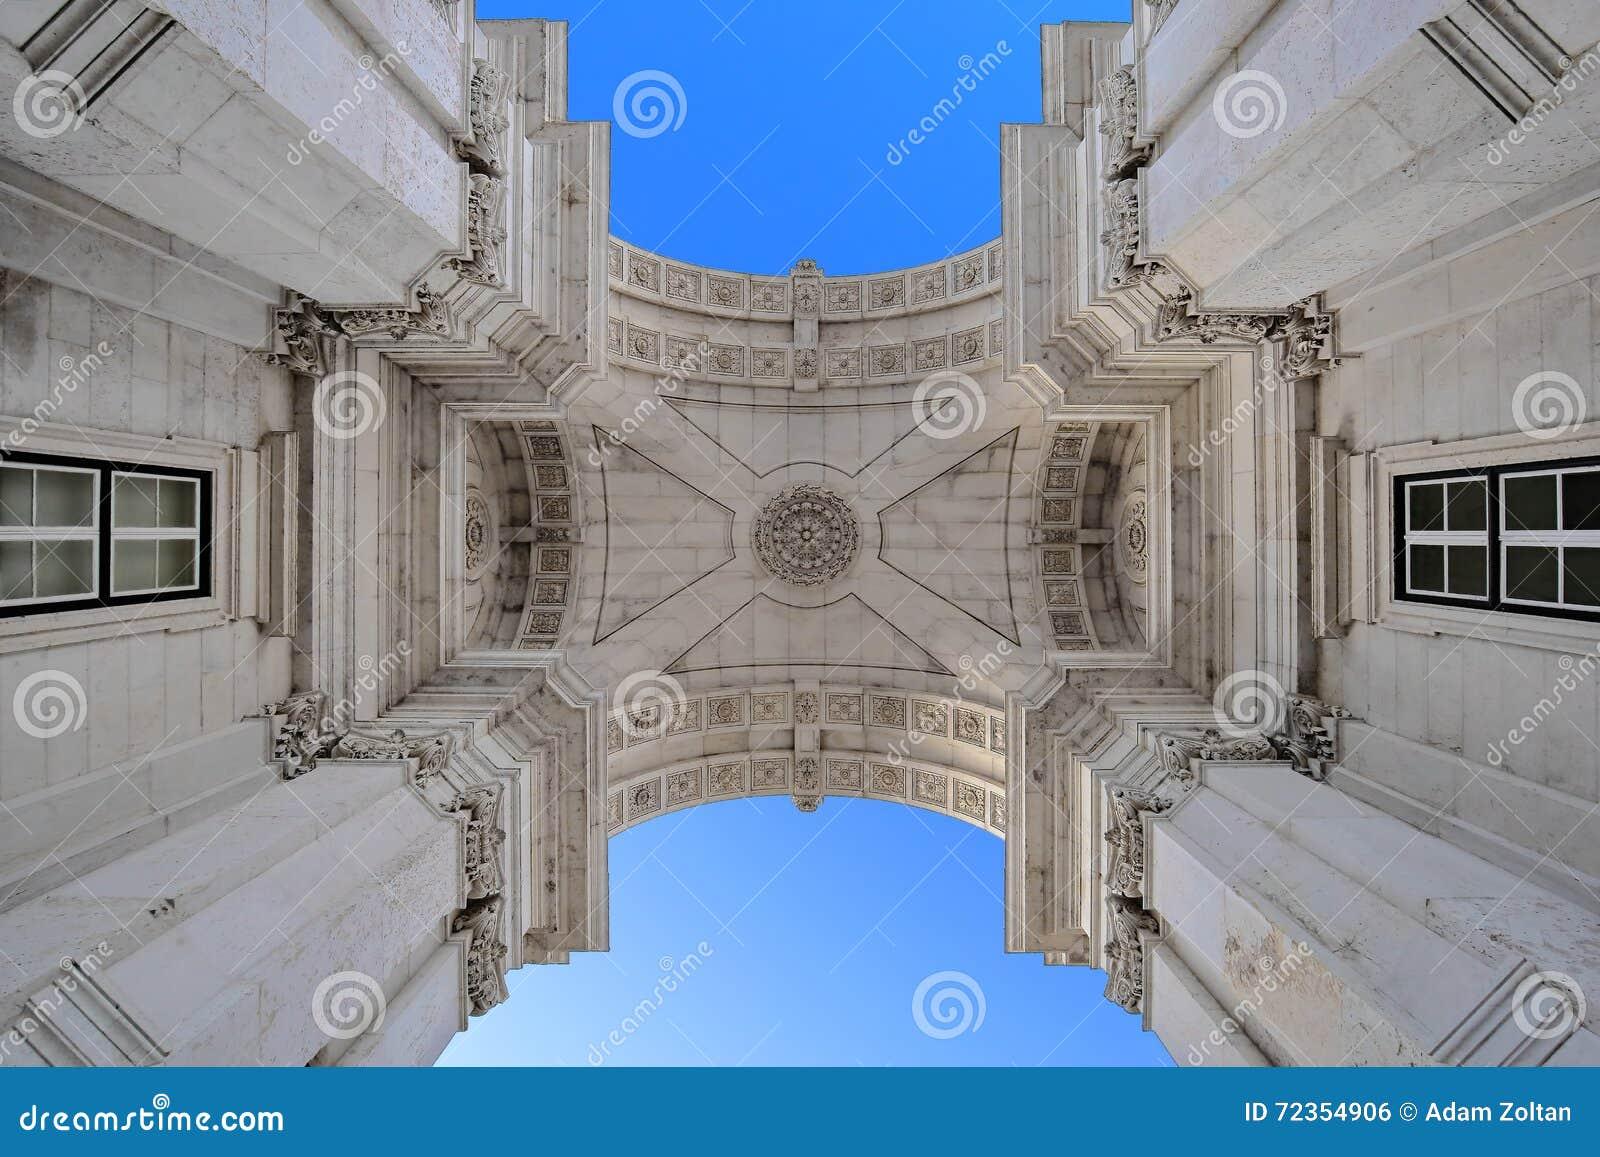 Rua奥古斯塔曲拱在里斯本